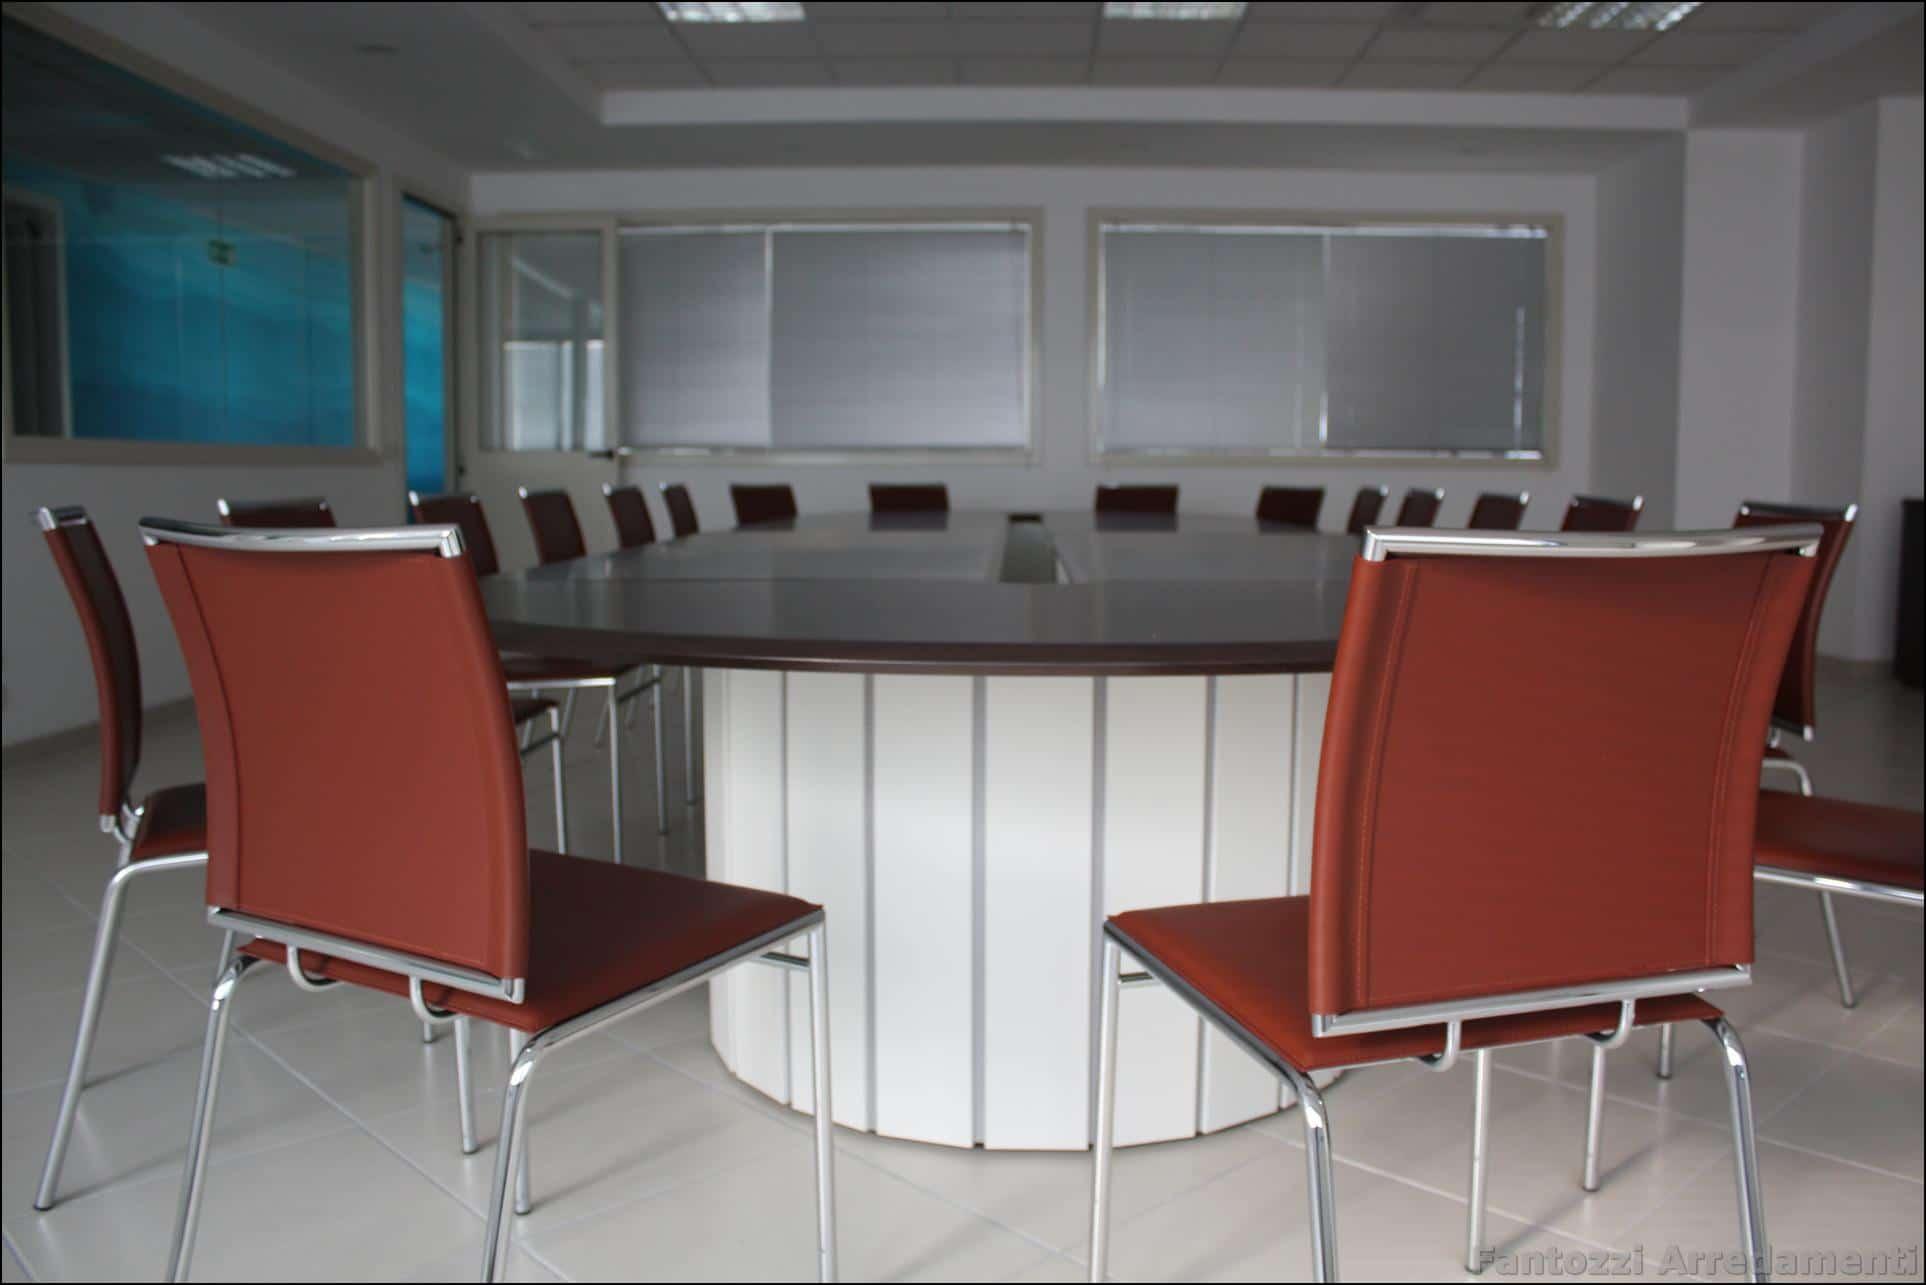 Ufficio Elegante Classico : Arredo ufficio classico. trendy arredo ufficio stile classico zona